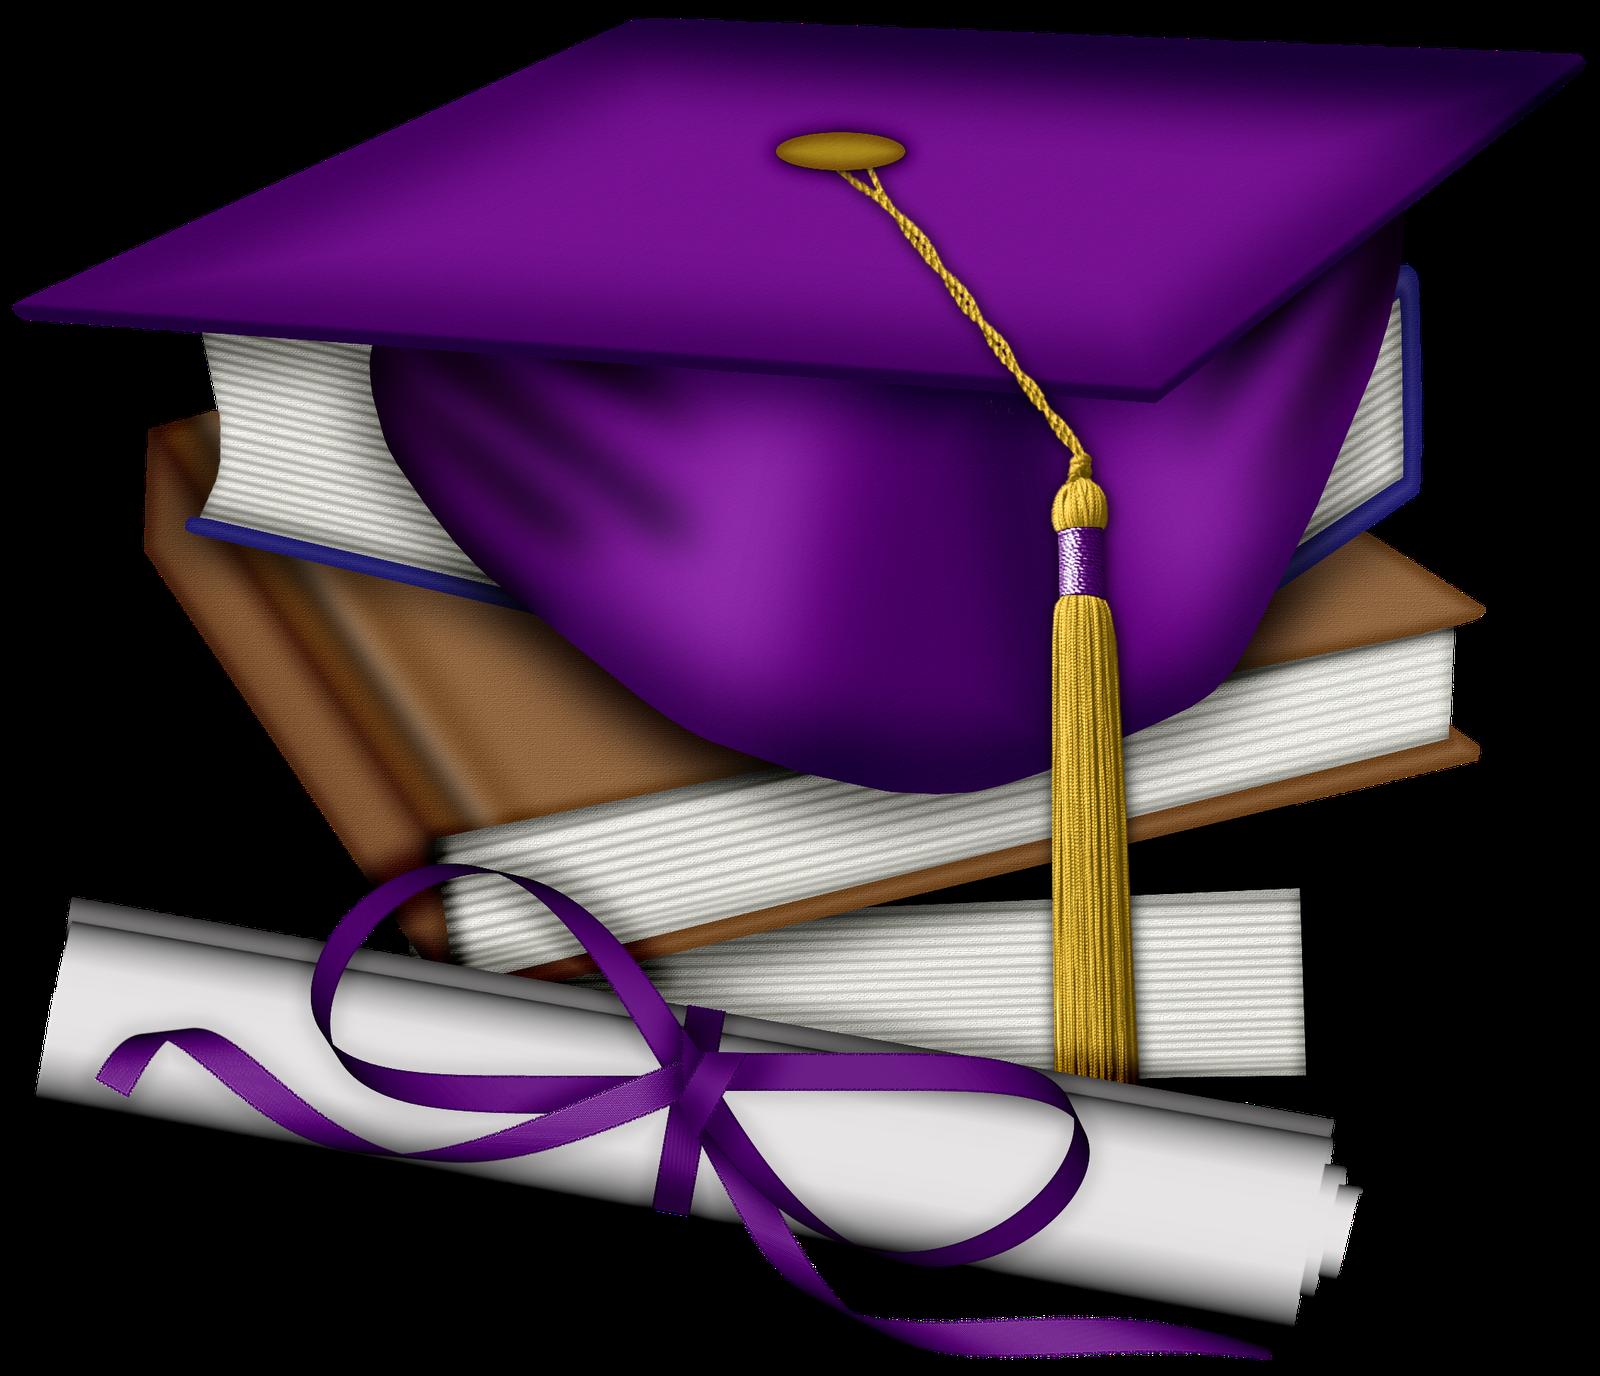 png transparent download Grad clipart preschool. Animated purple graduation cap